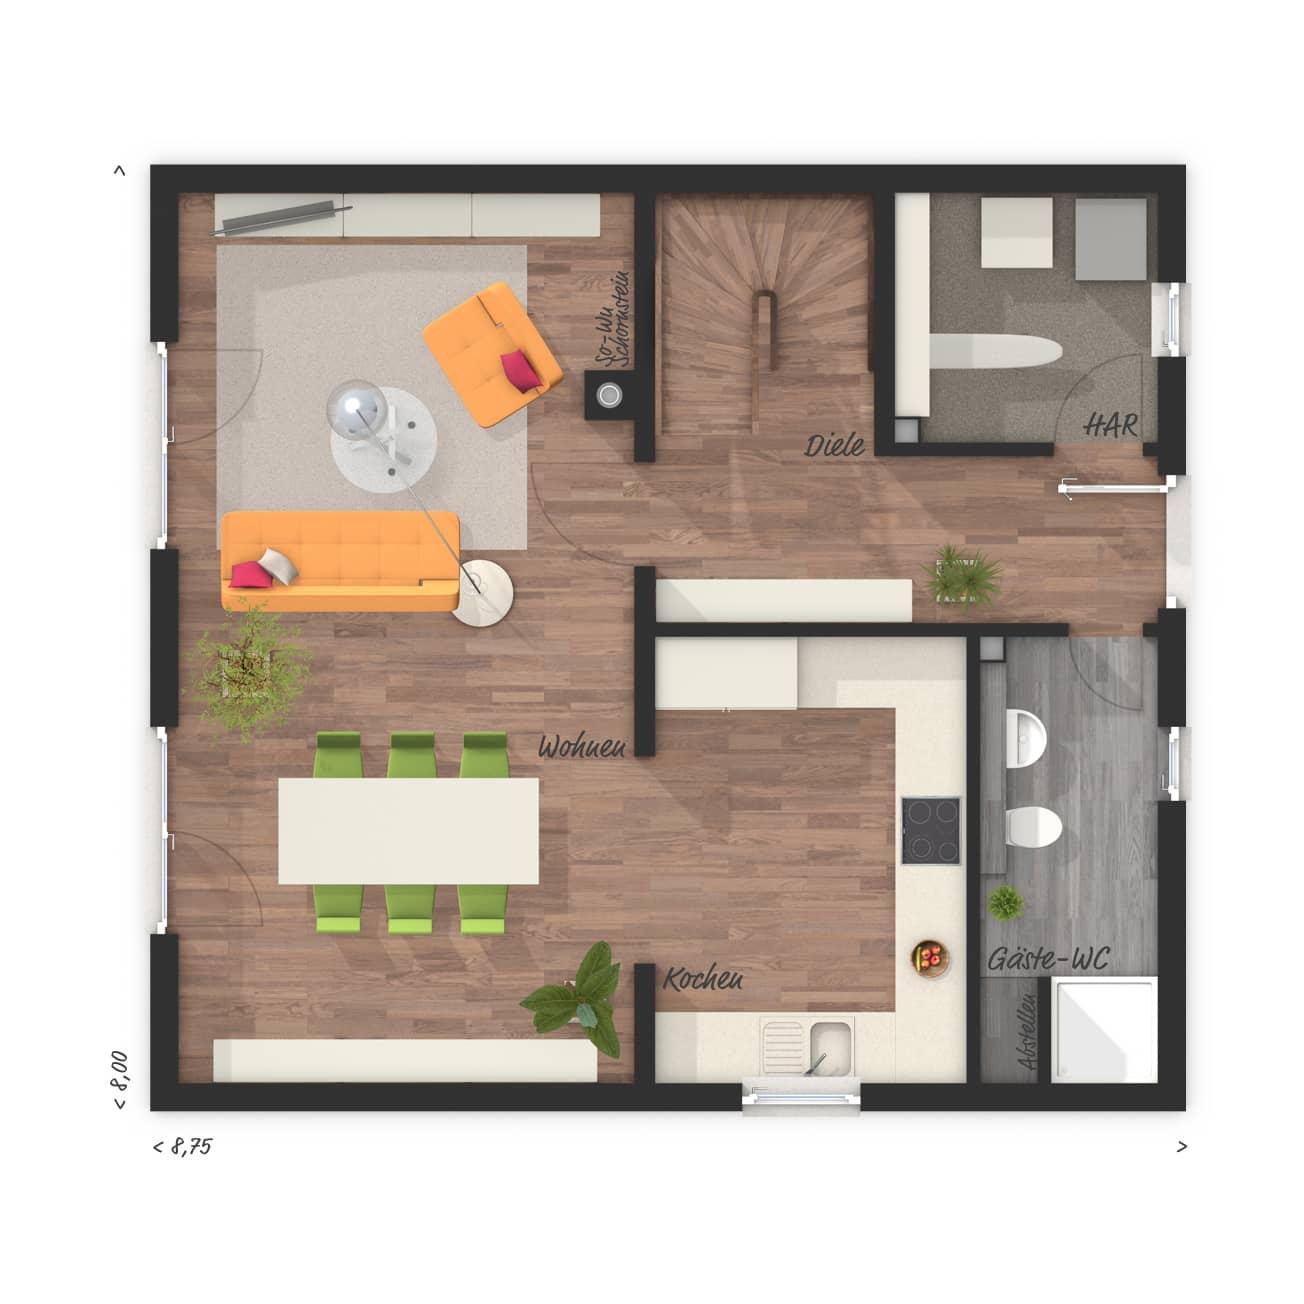 Grundriss Einfamilienhaus Erdgeschoss mit Gästebad - Massivhaus Raumwunder 100 Süd von Town & Country Haus - HausbauDirekt.de